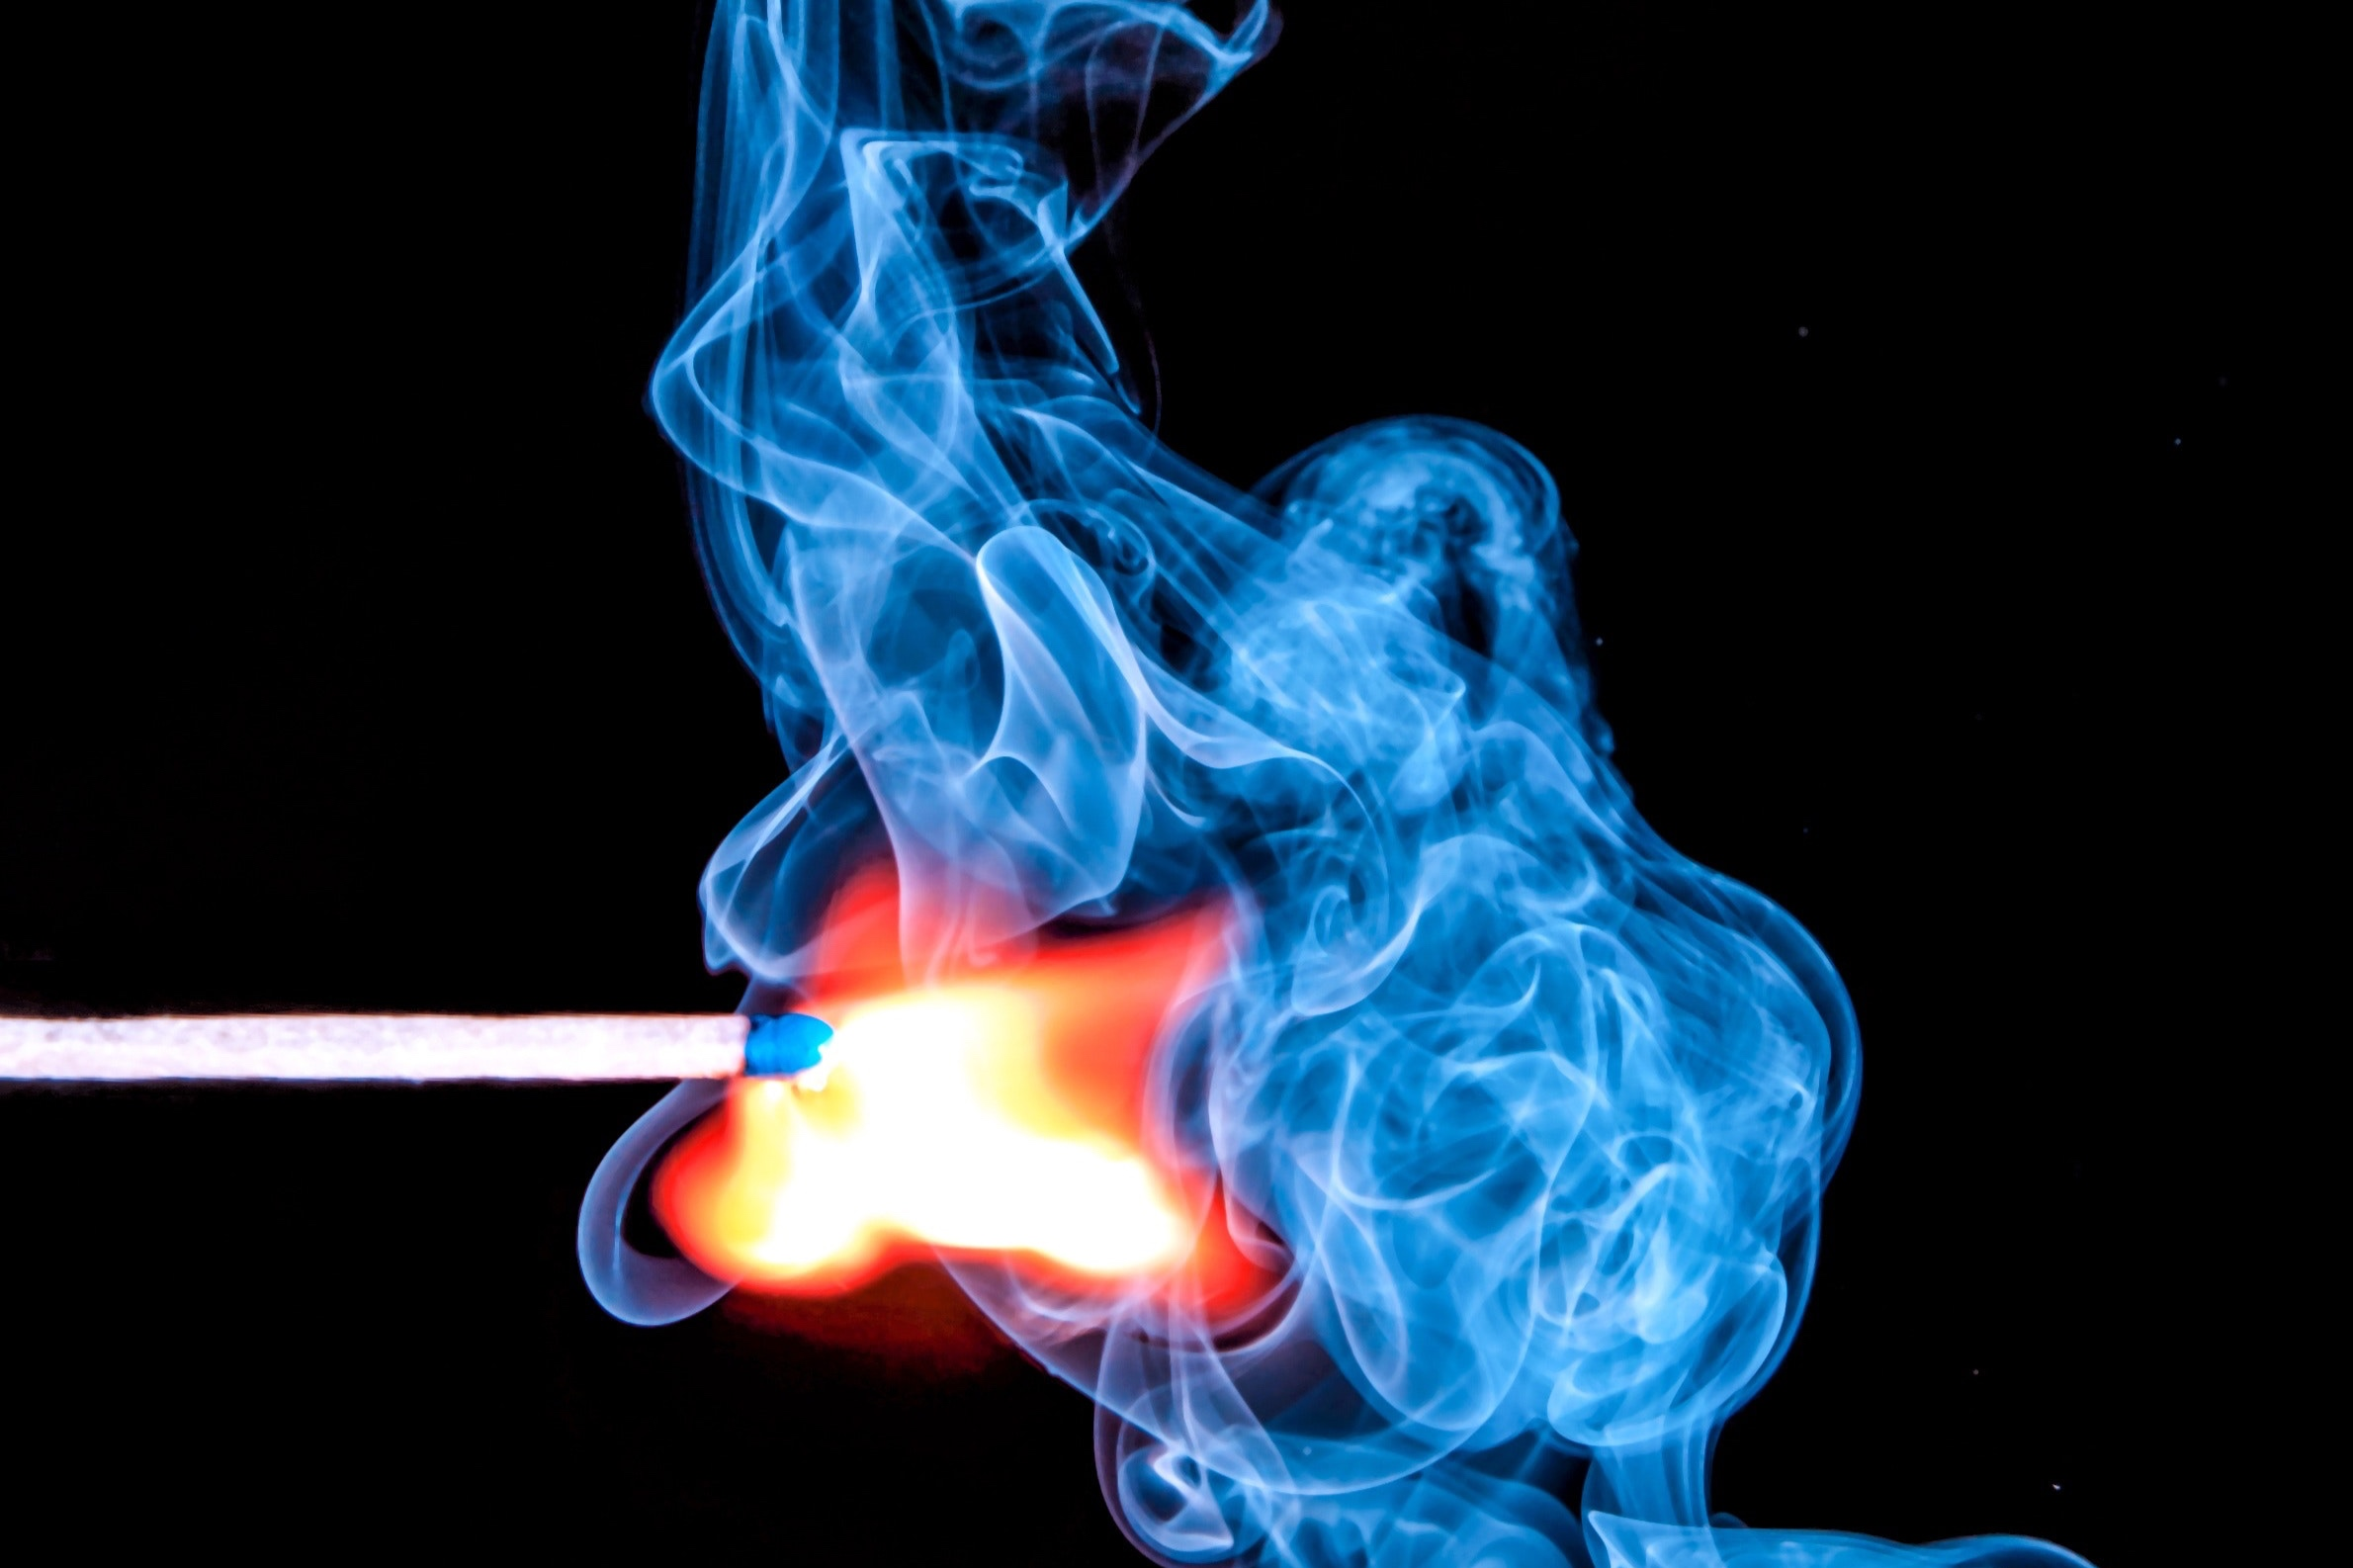 burn-fire-flame-54627.jpg